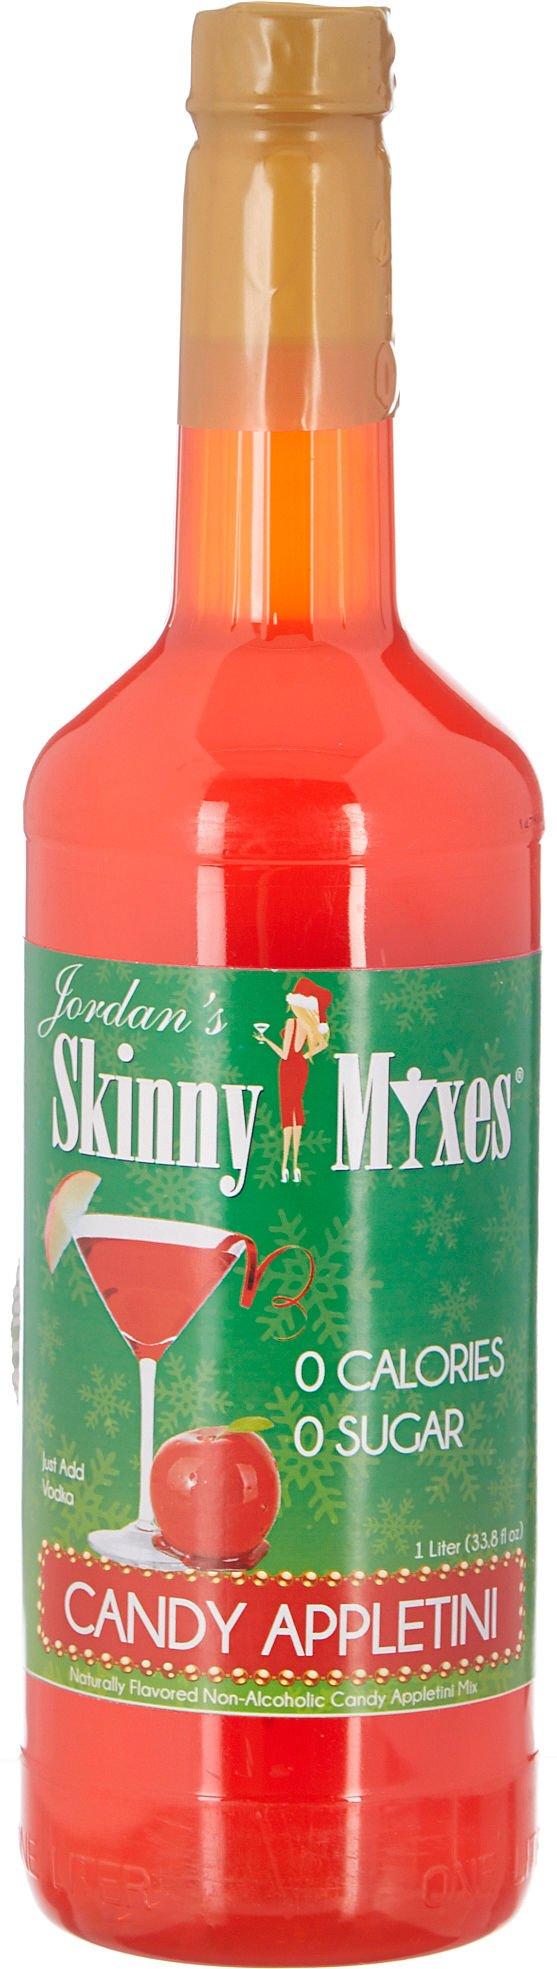 Candy Appletini- Jordan's Skinny Mixes